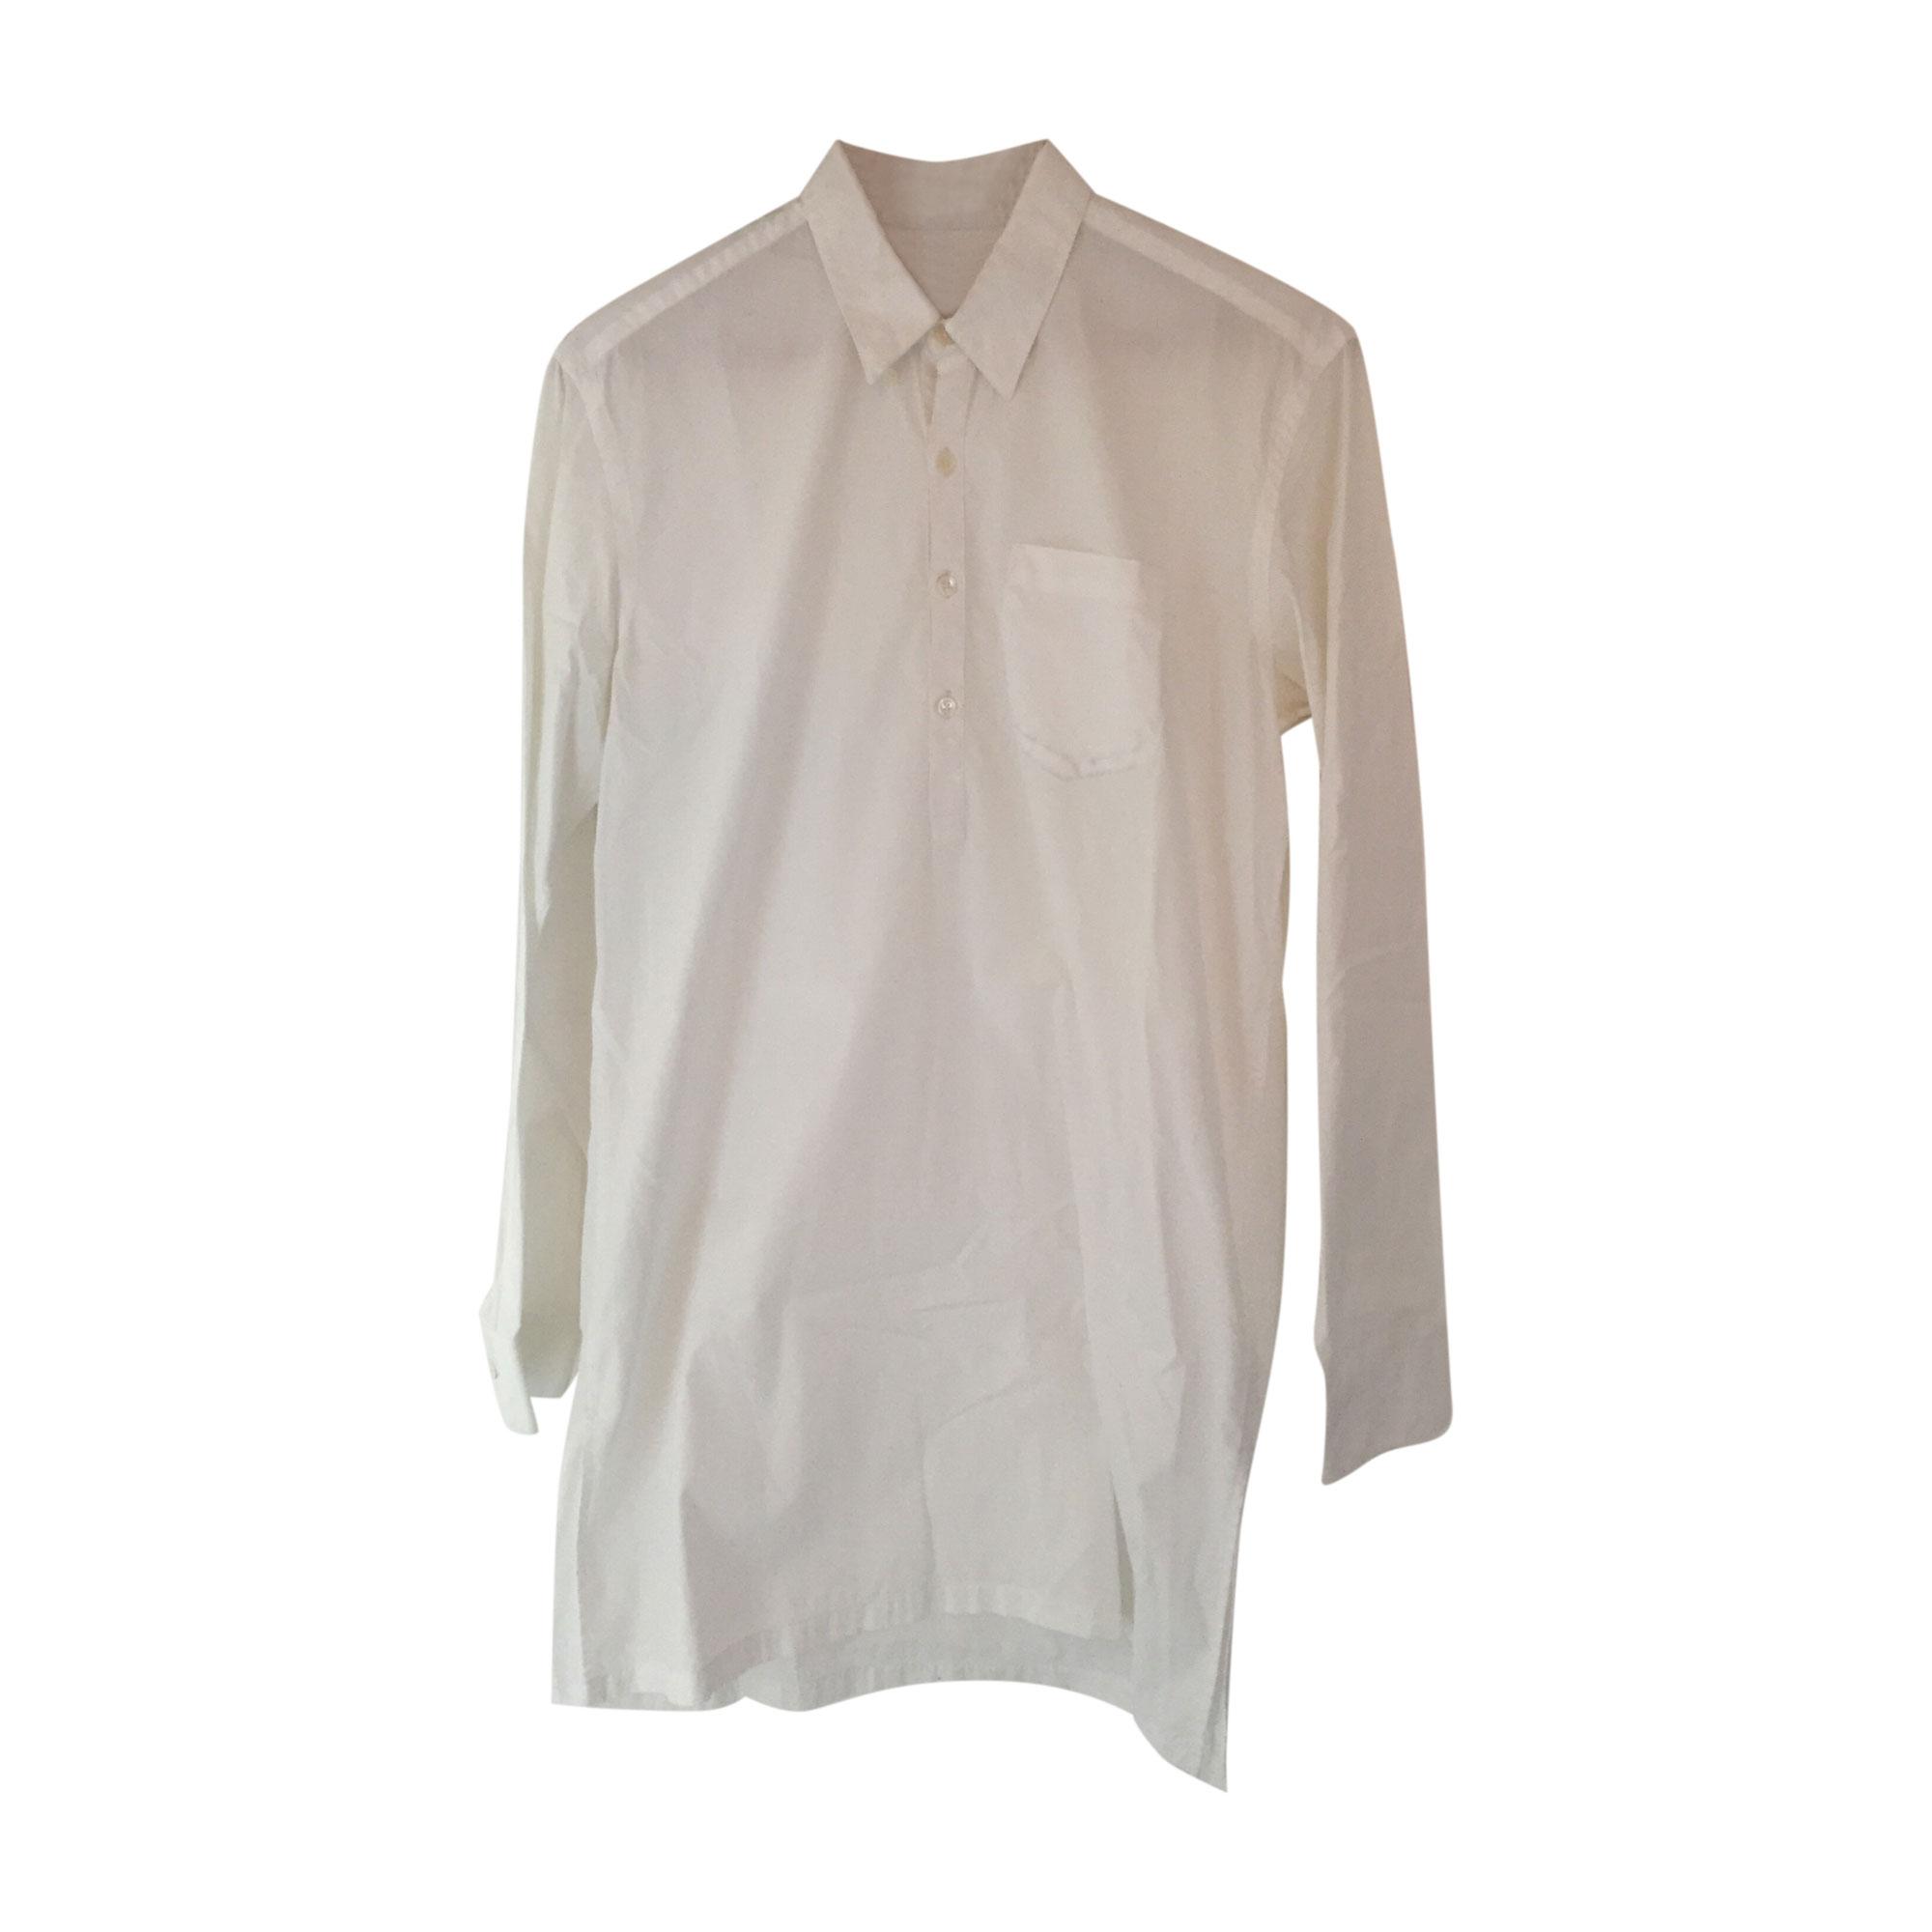 Shirt ÉTUDES STUDIO White, off-white, ecru